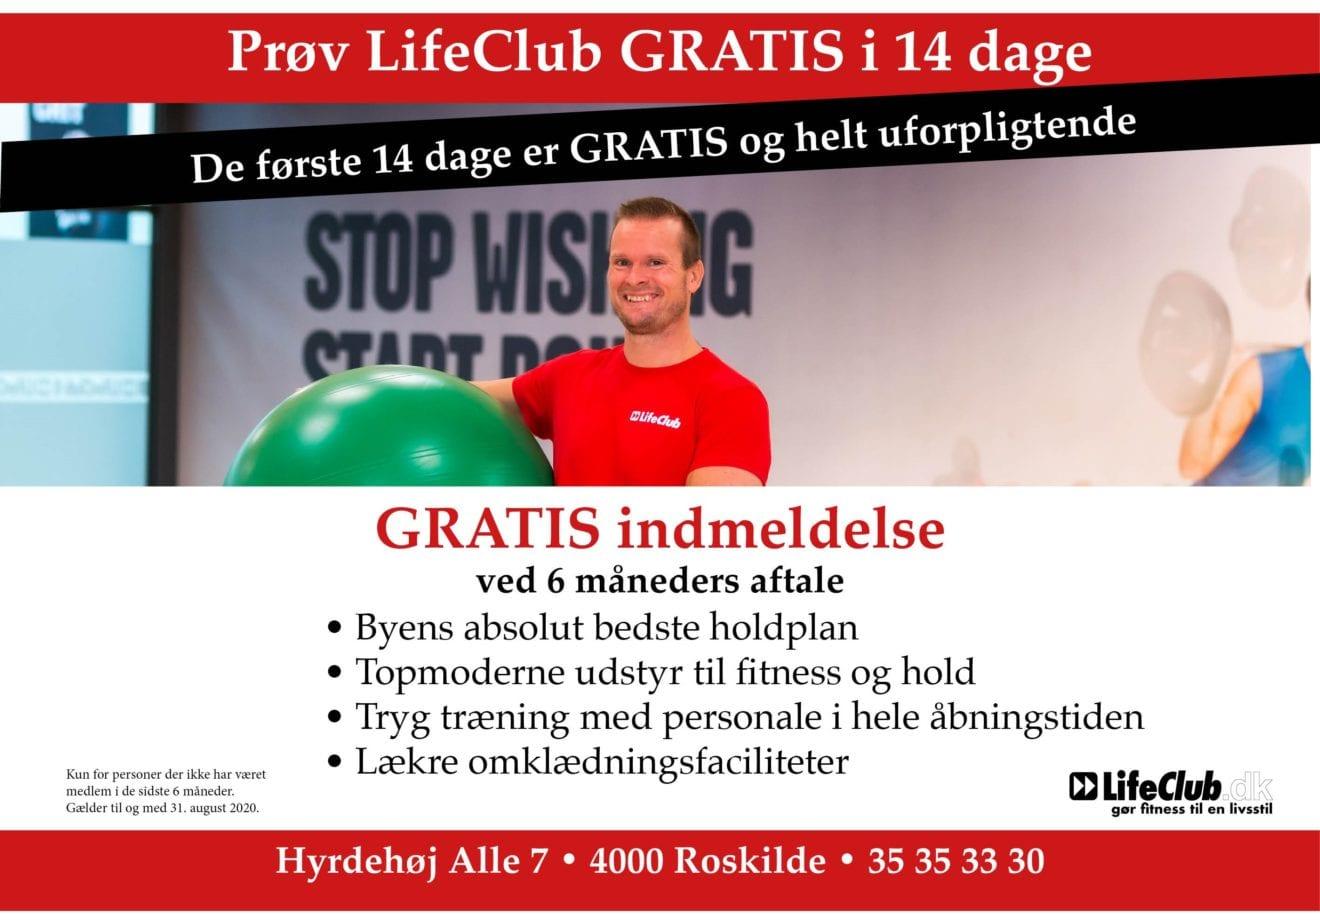 Træn 14 dage gratis i LifeClub